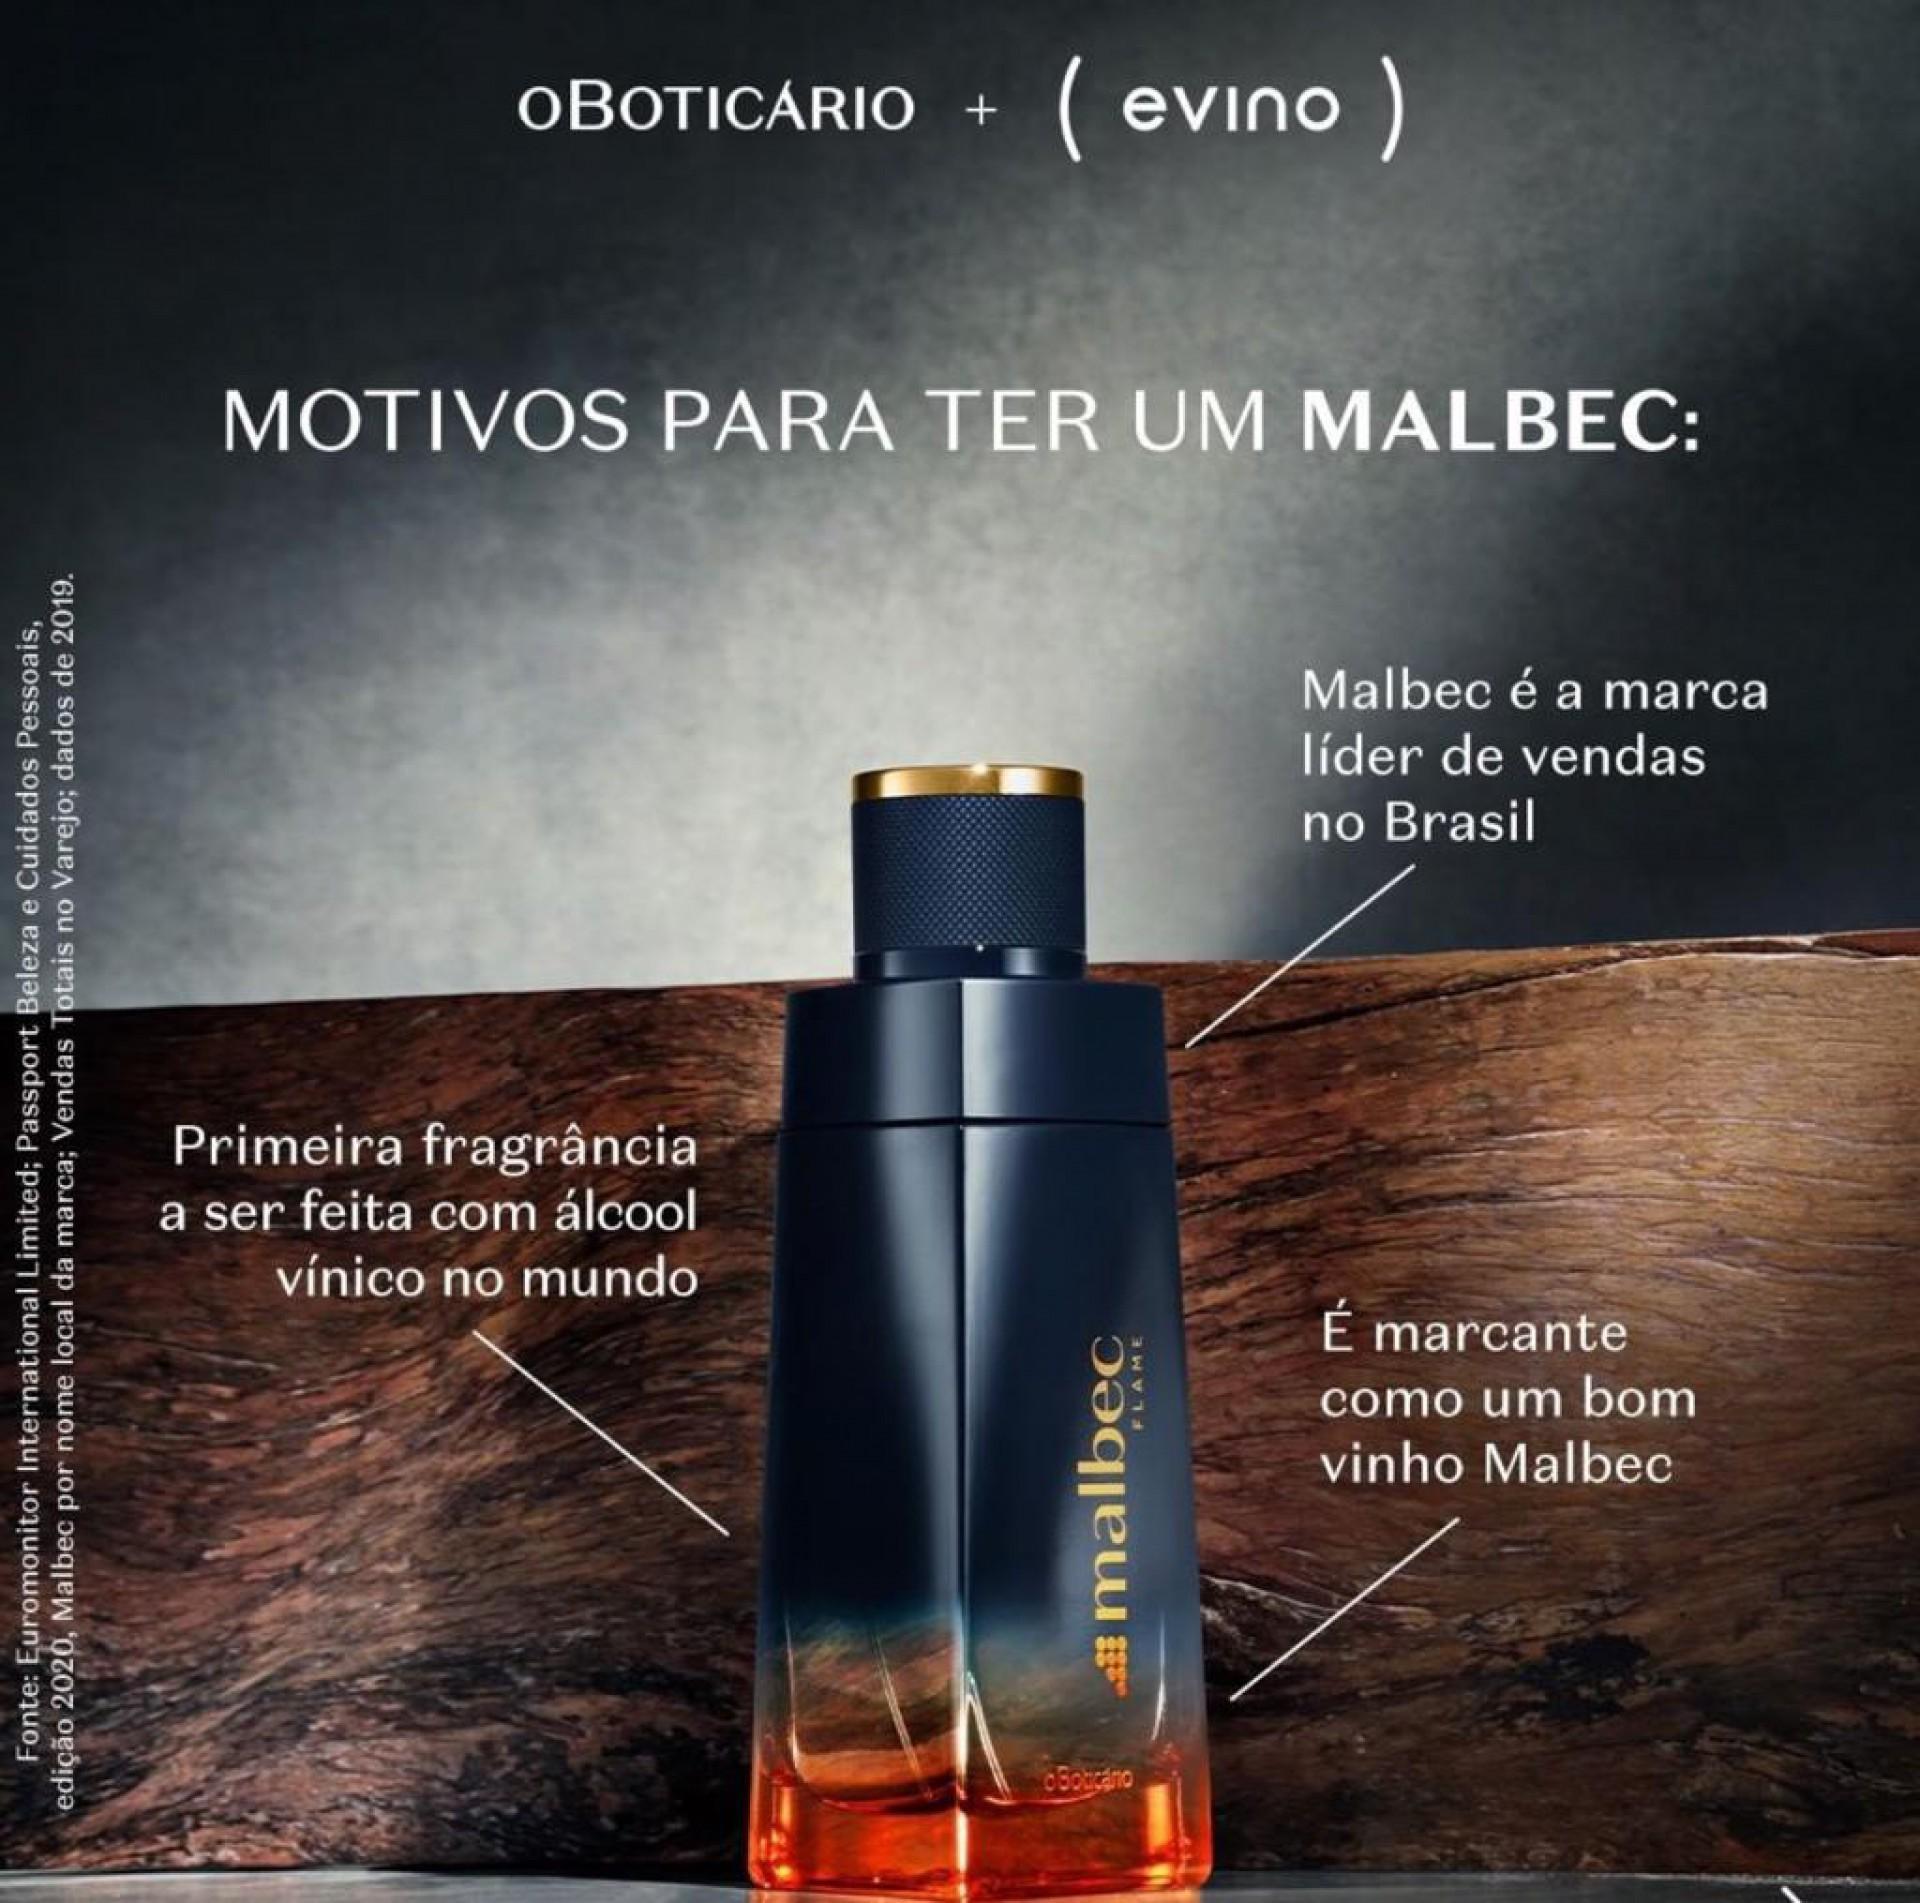 Inspirado no universo da enologia, a fragrância é produzida com álcool vínico